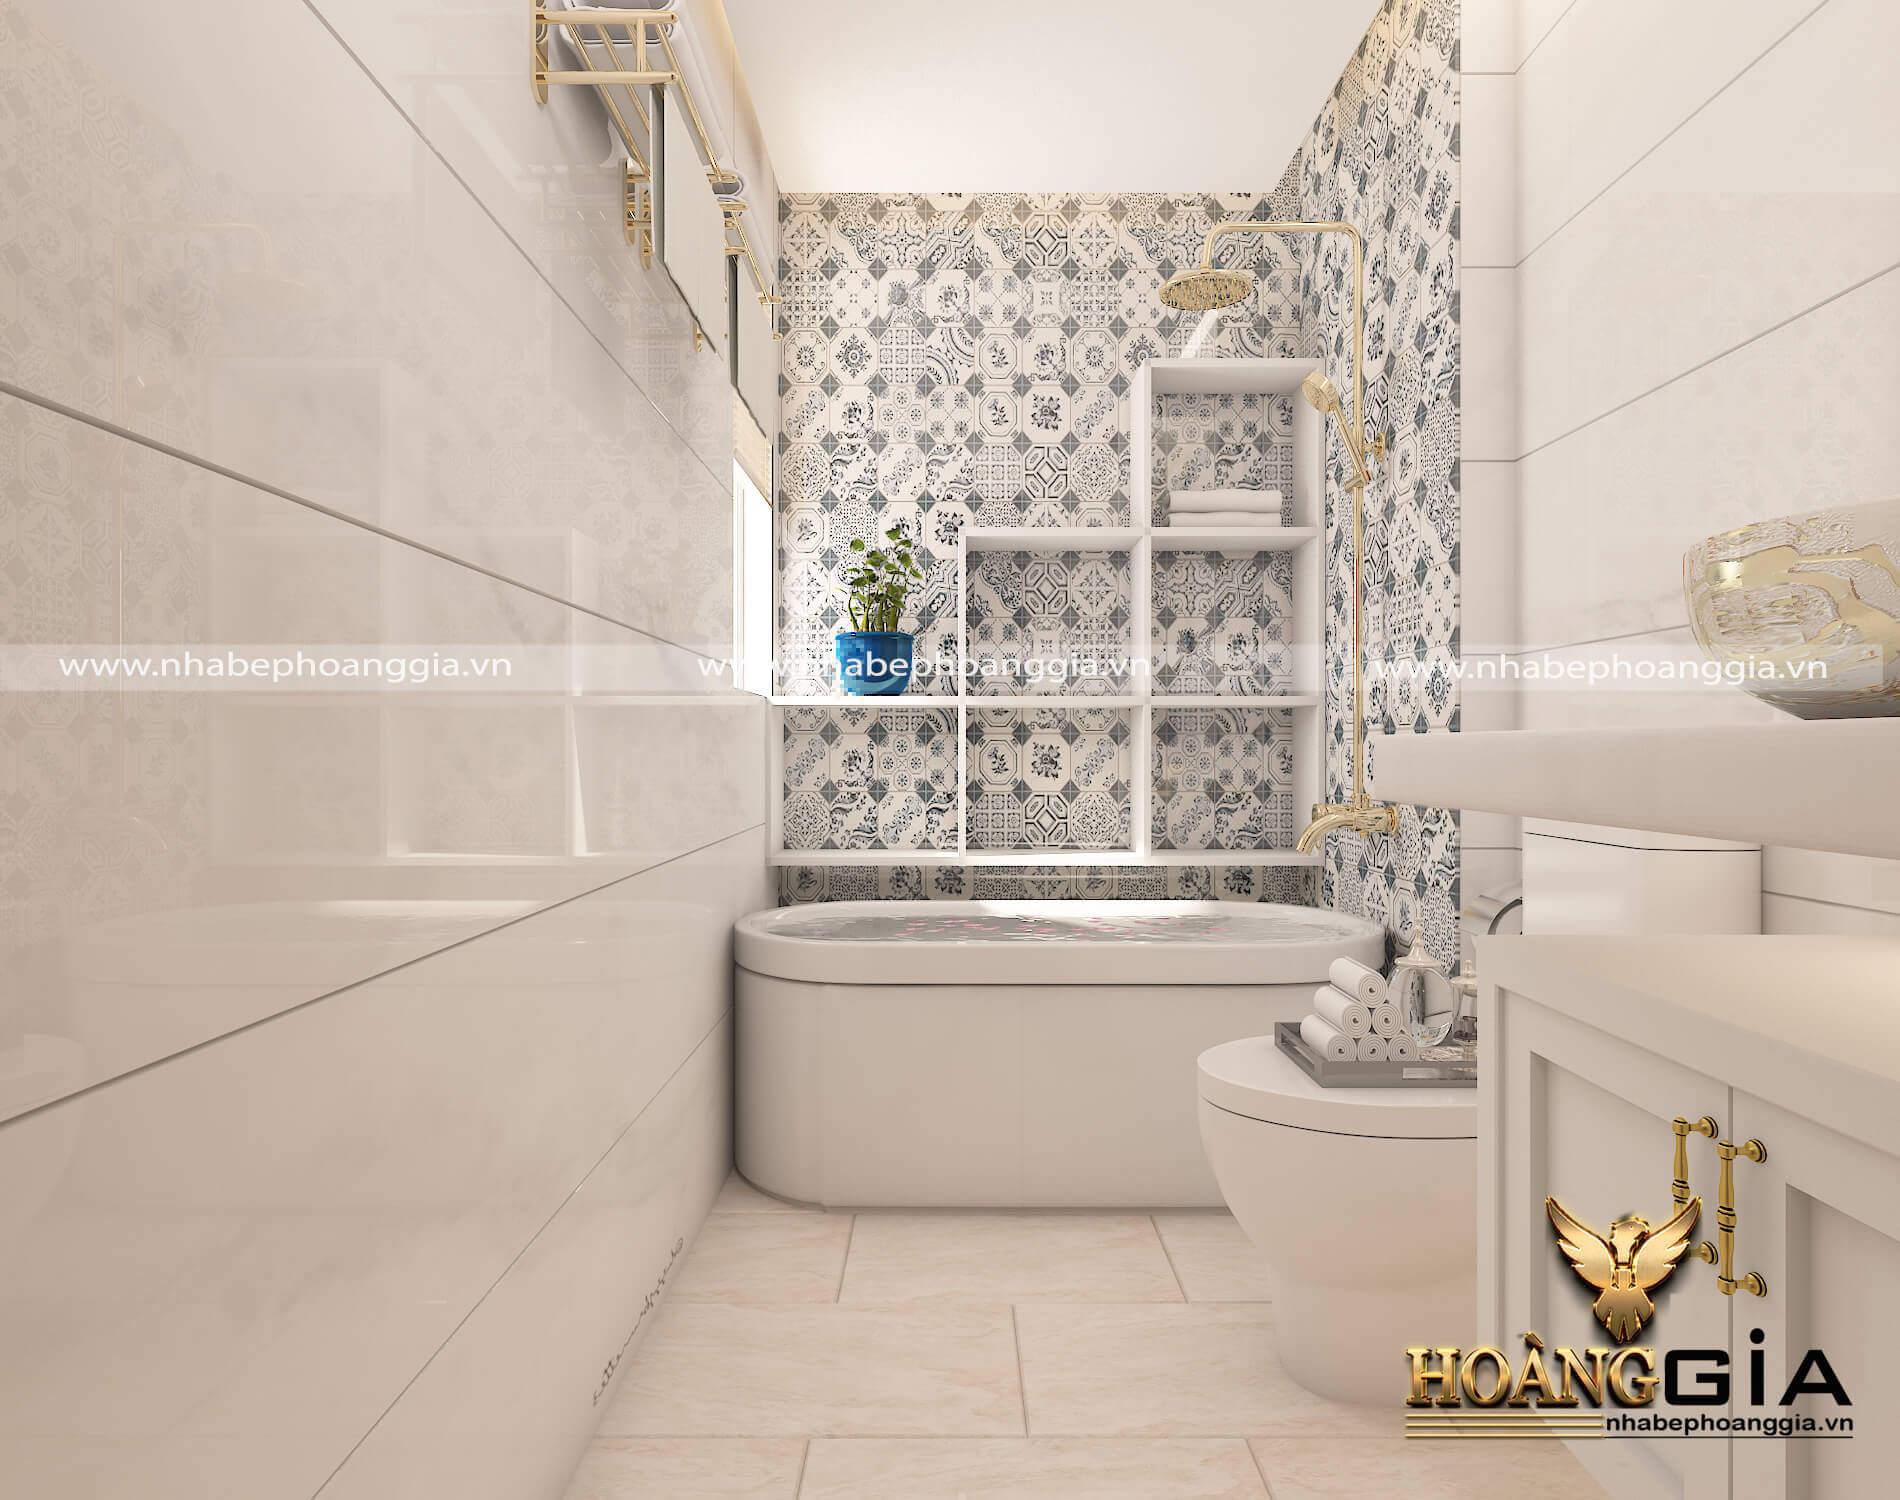 kích thước phòng tắm nhà vệ sinh